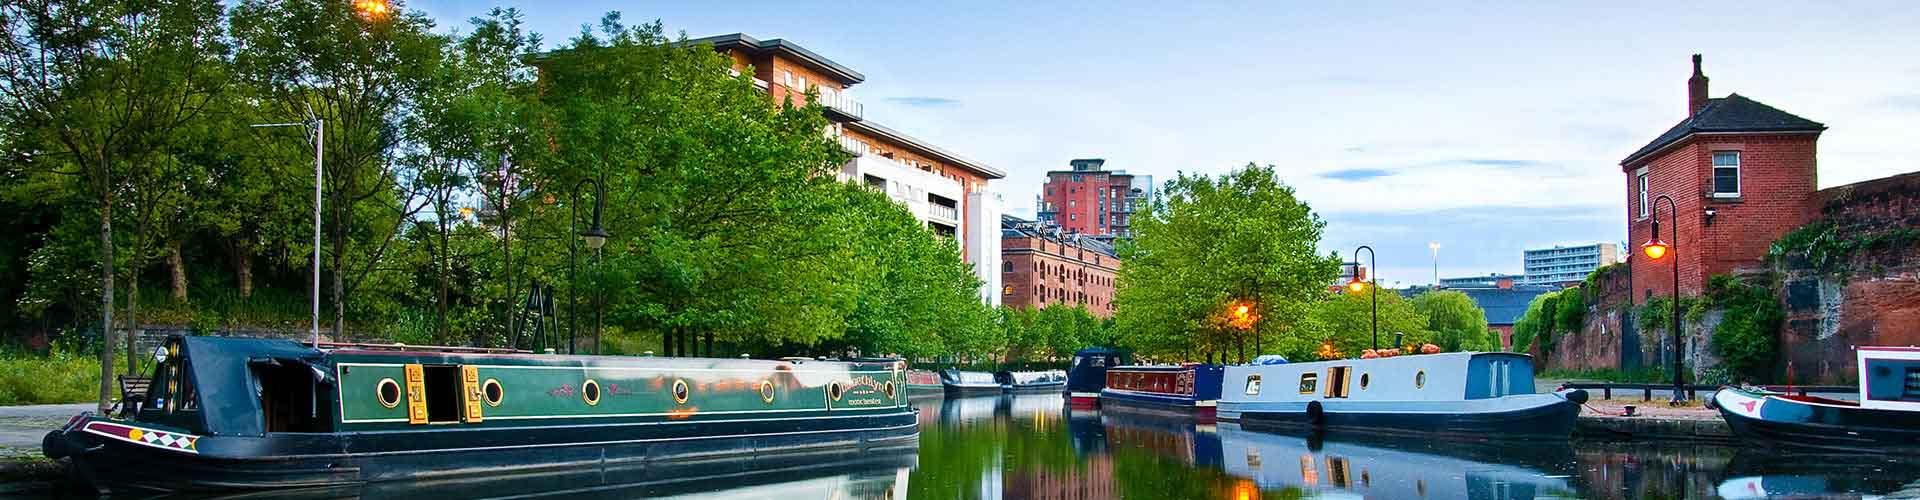 Manchester – Huoneistot kohteessa Manchester. Manchester -karttoja, valokuvia ja arvosteluja kaikista Manchester -huoneistoista.